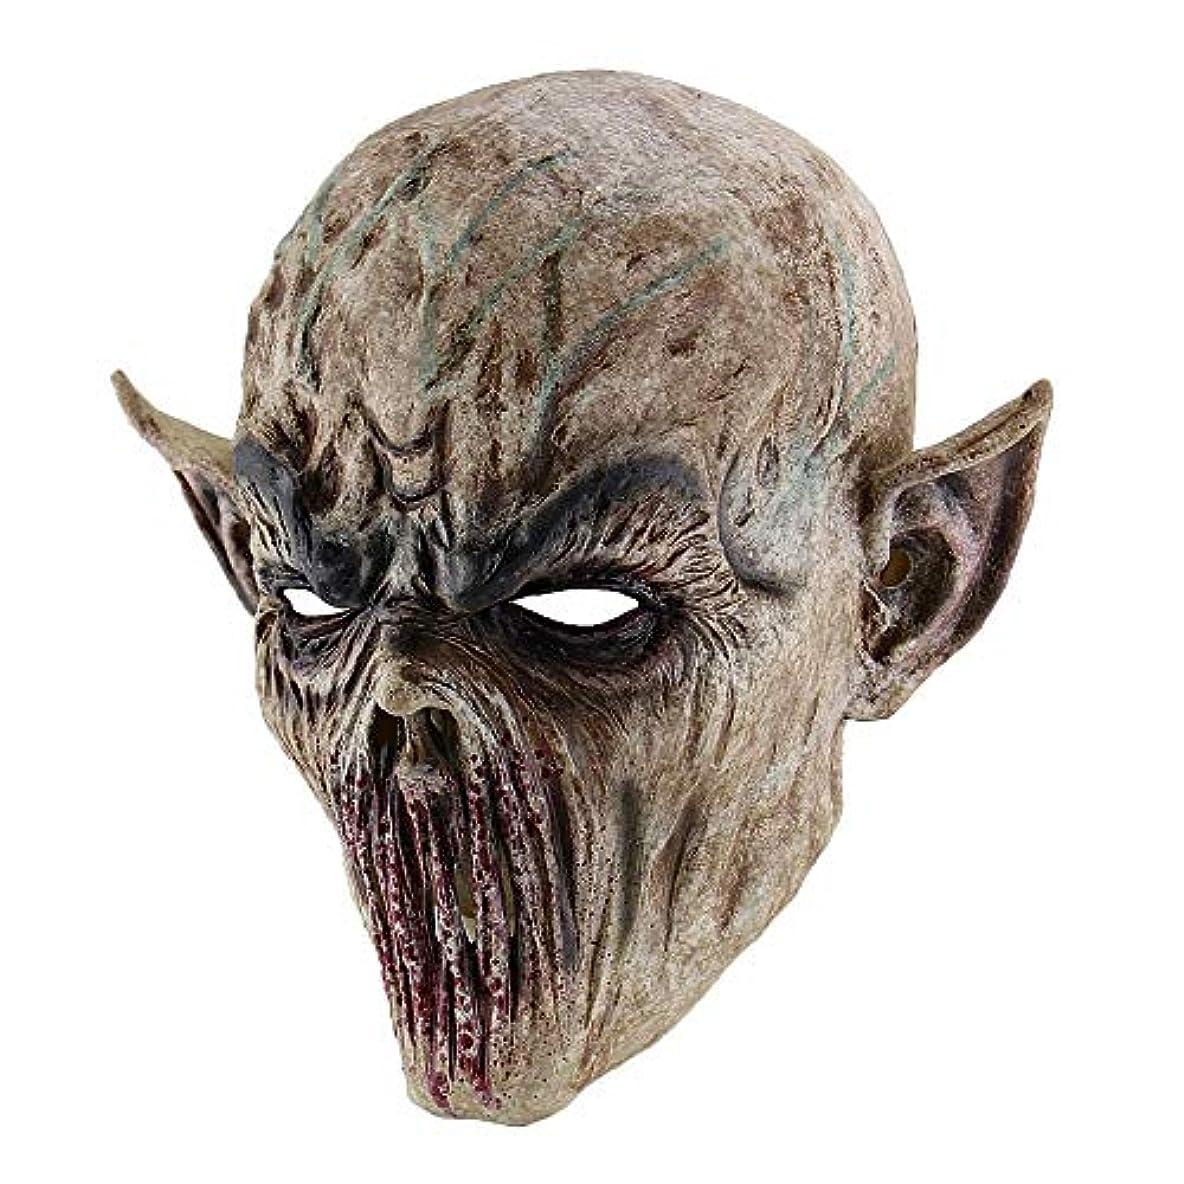 悩みパイ討論不気味な怖いハロウィーン不気味なラテックスマスク、大人のパーティーコスプレ衣装、仮装衣装,Zombie